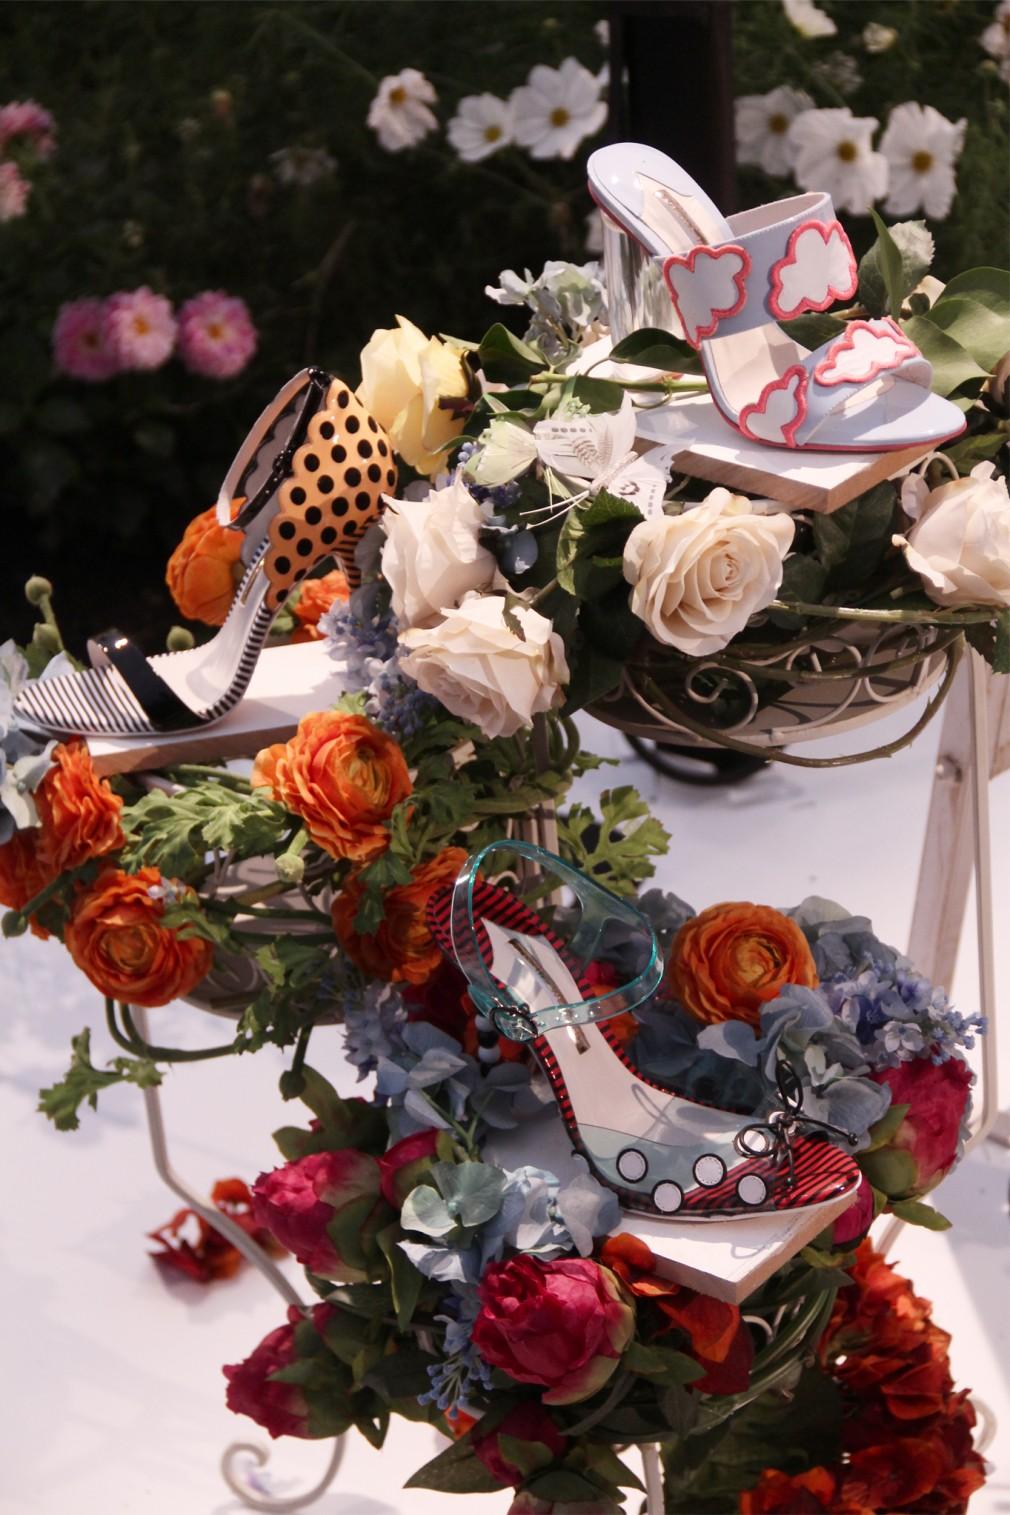 Sophia-Webster-London-Fashion-Week-SS14-10-1010x1515.jpg